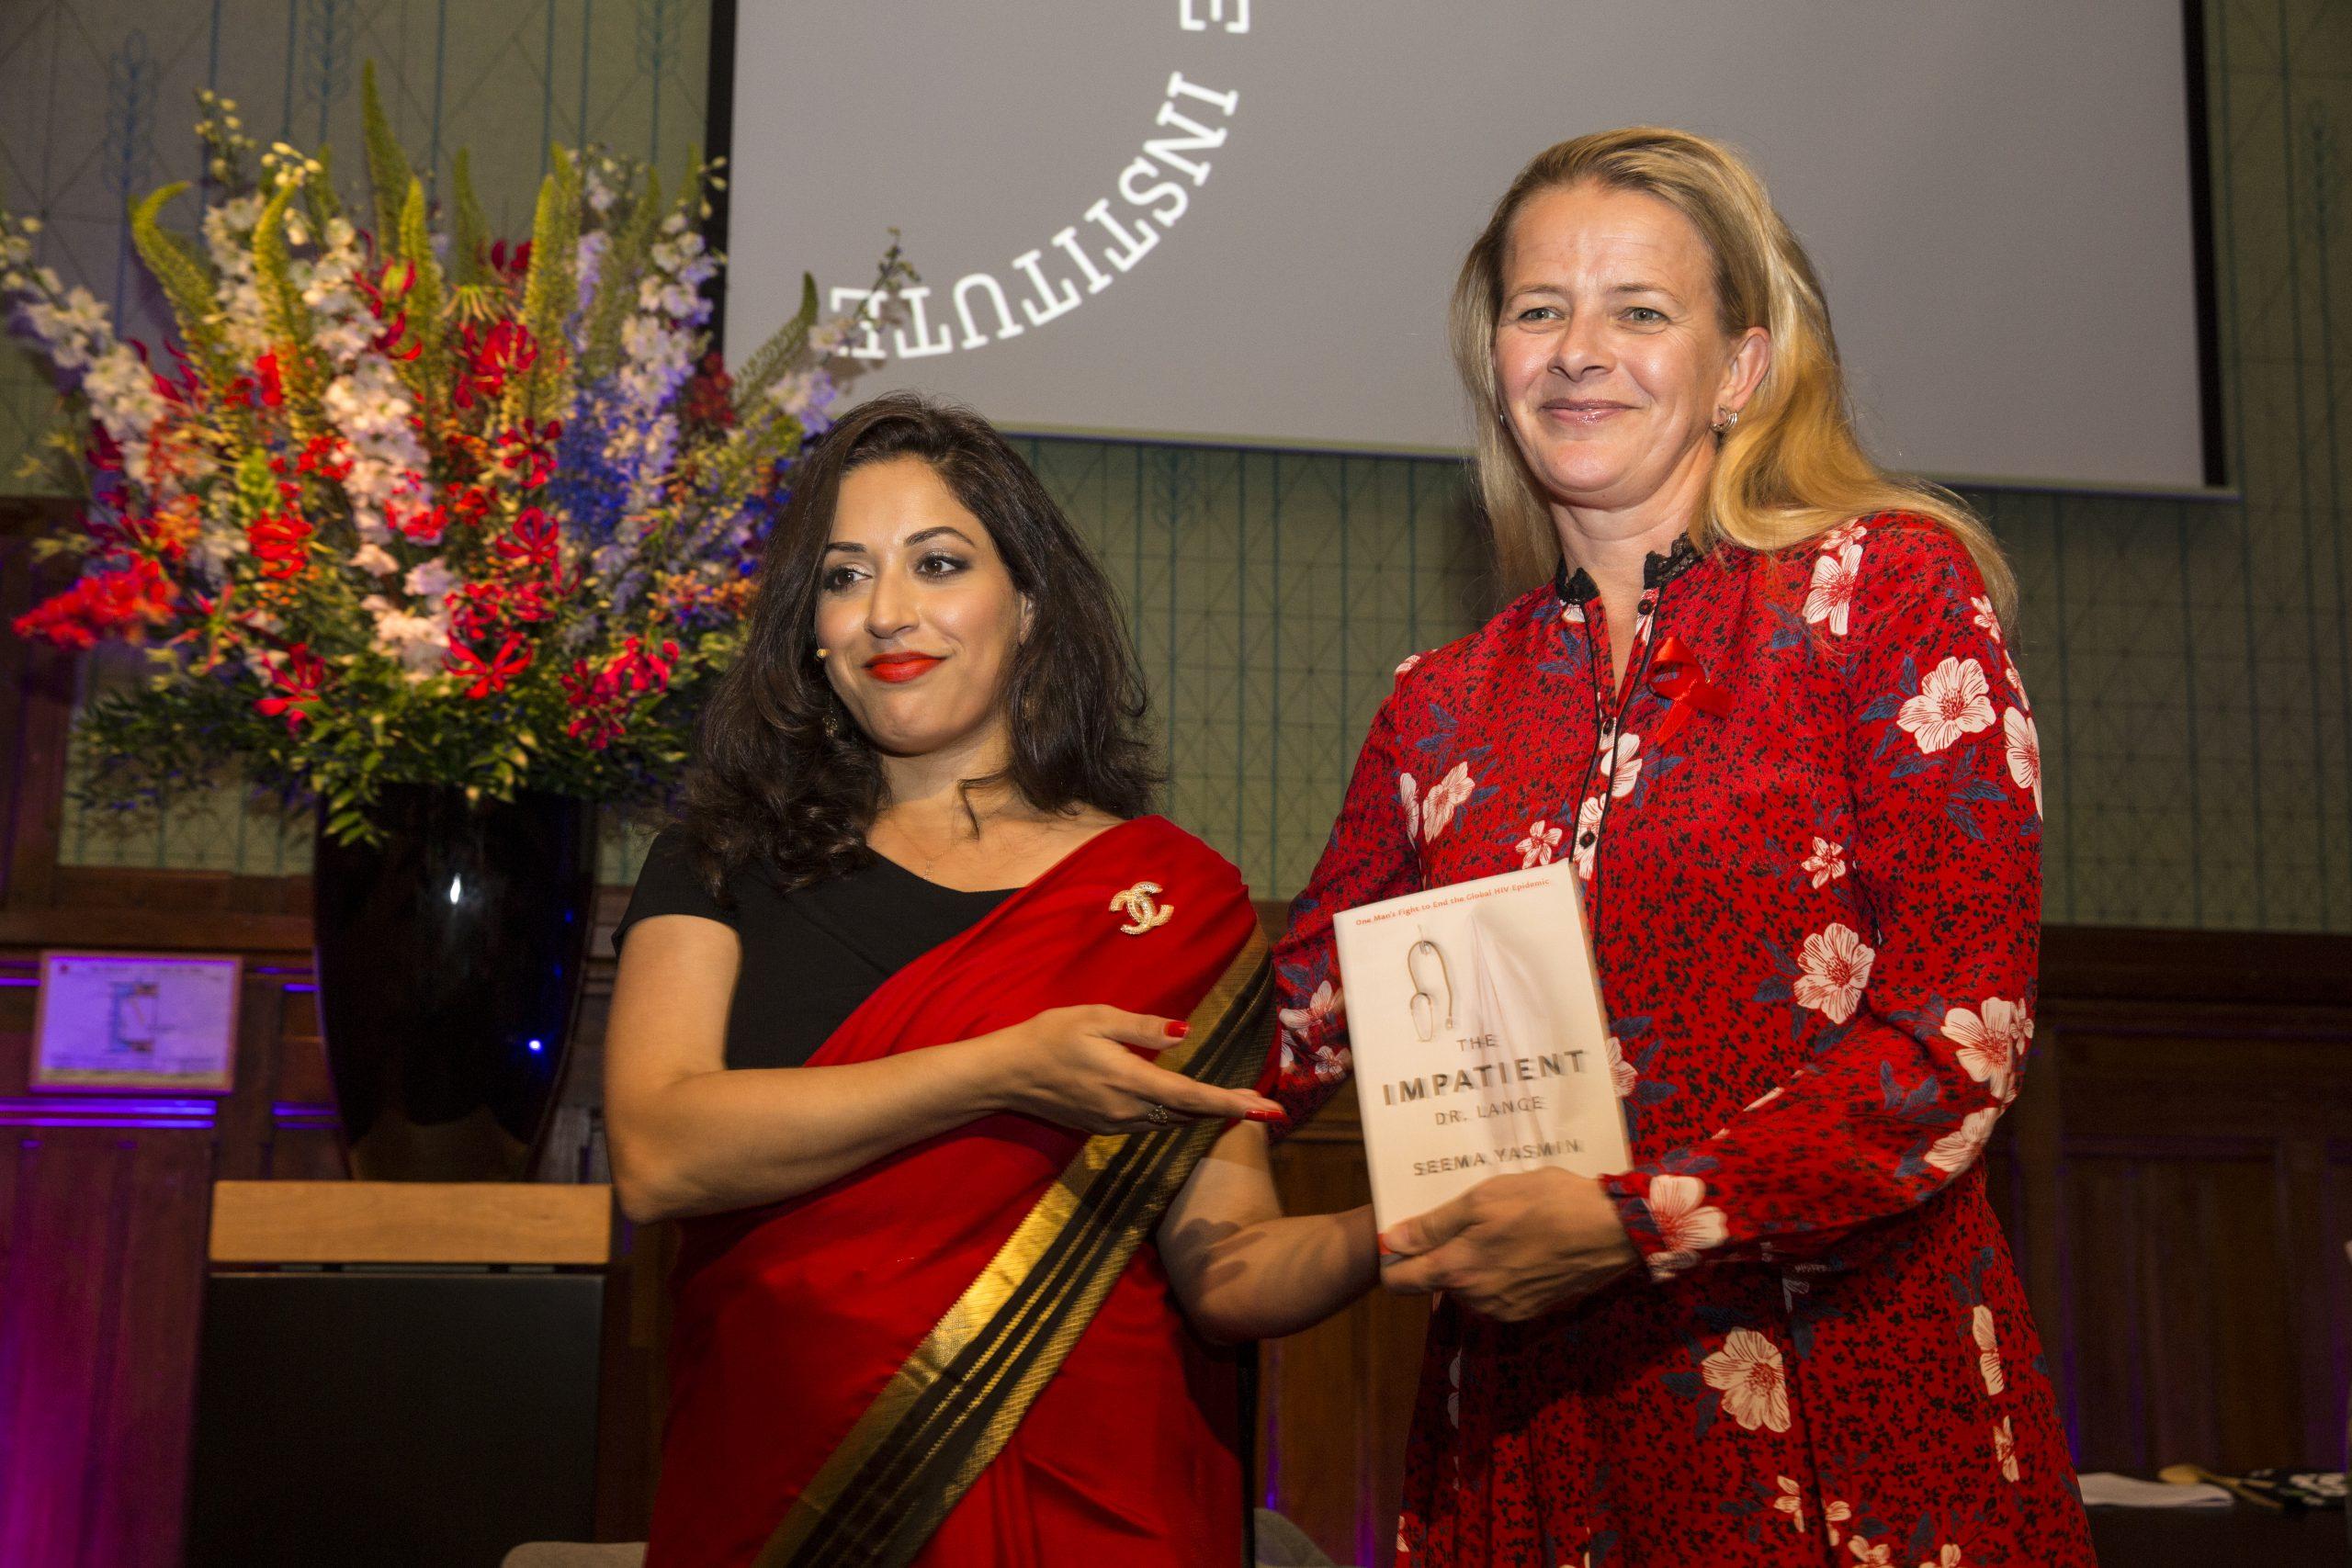 Book launch JLI Beurs van Berlage